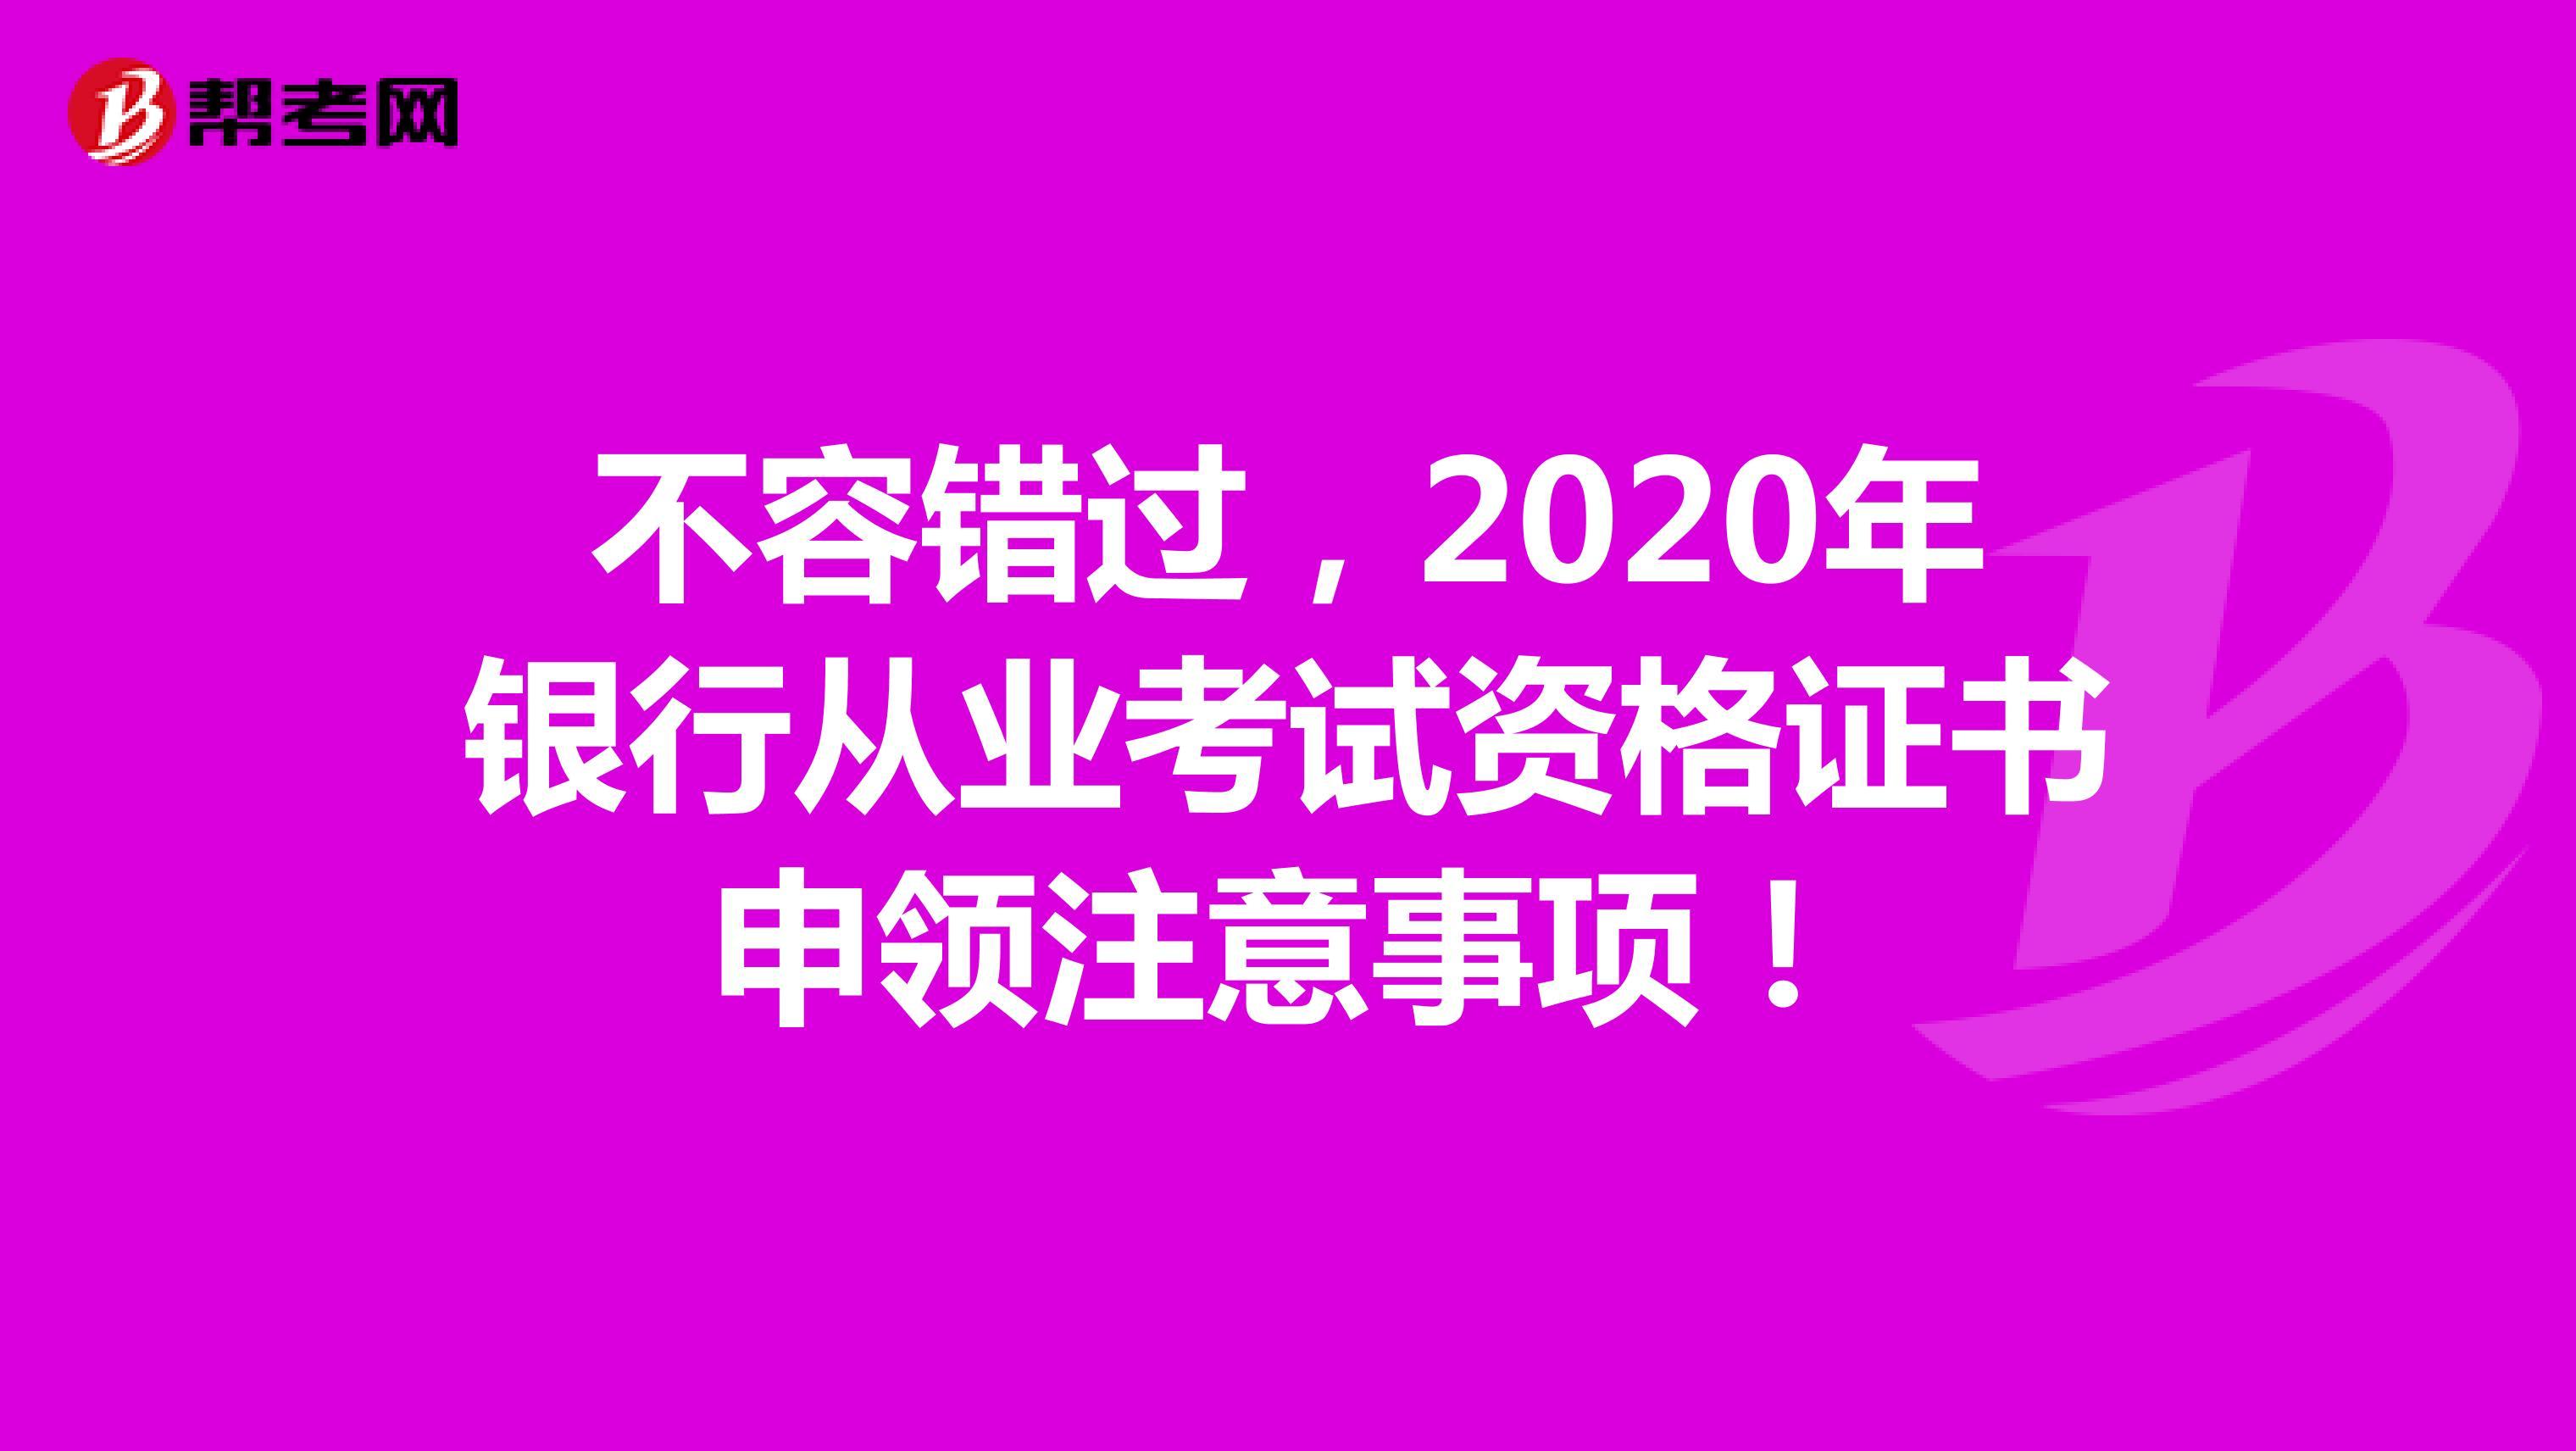 不容错过,2020年银行从业考试资格证书申领注意事项!